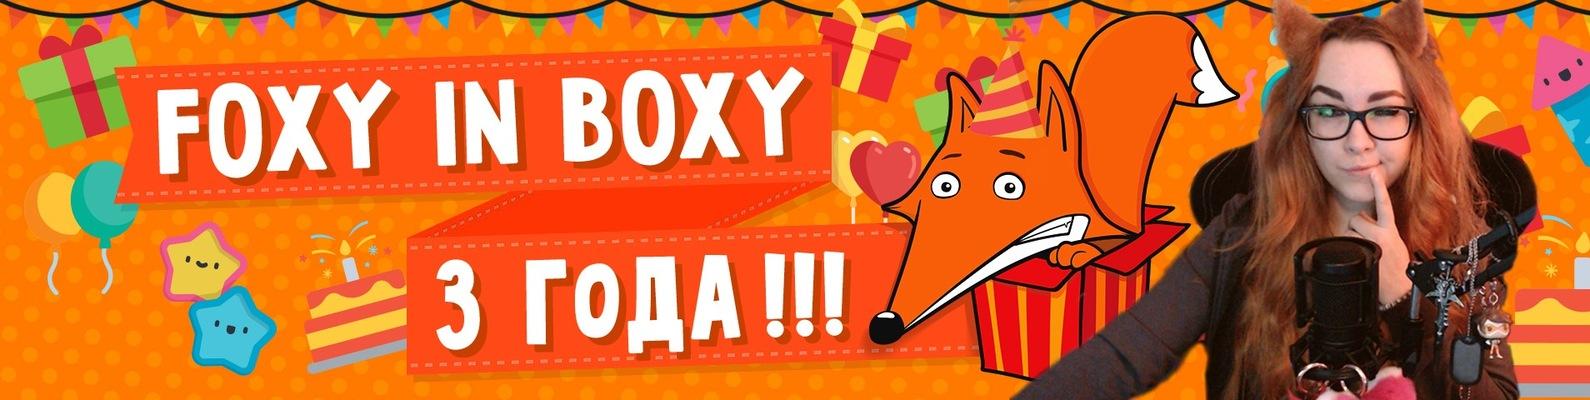 Стримы Foxy in Boxy | Twitch стримы | VK